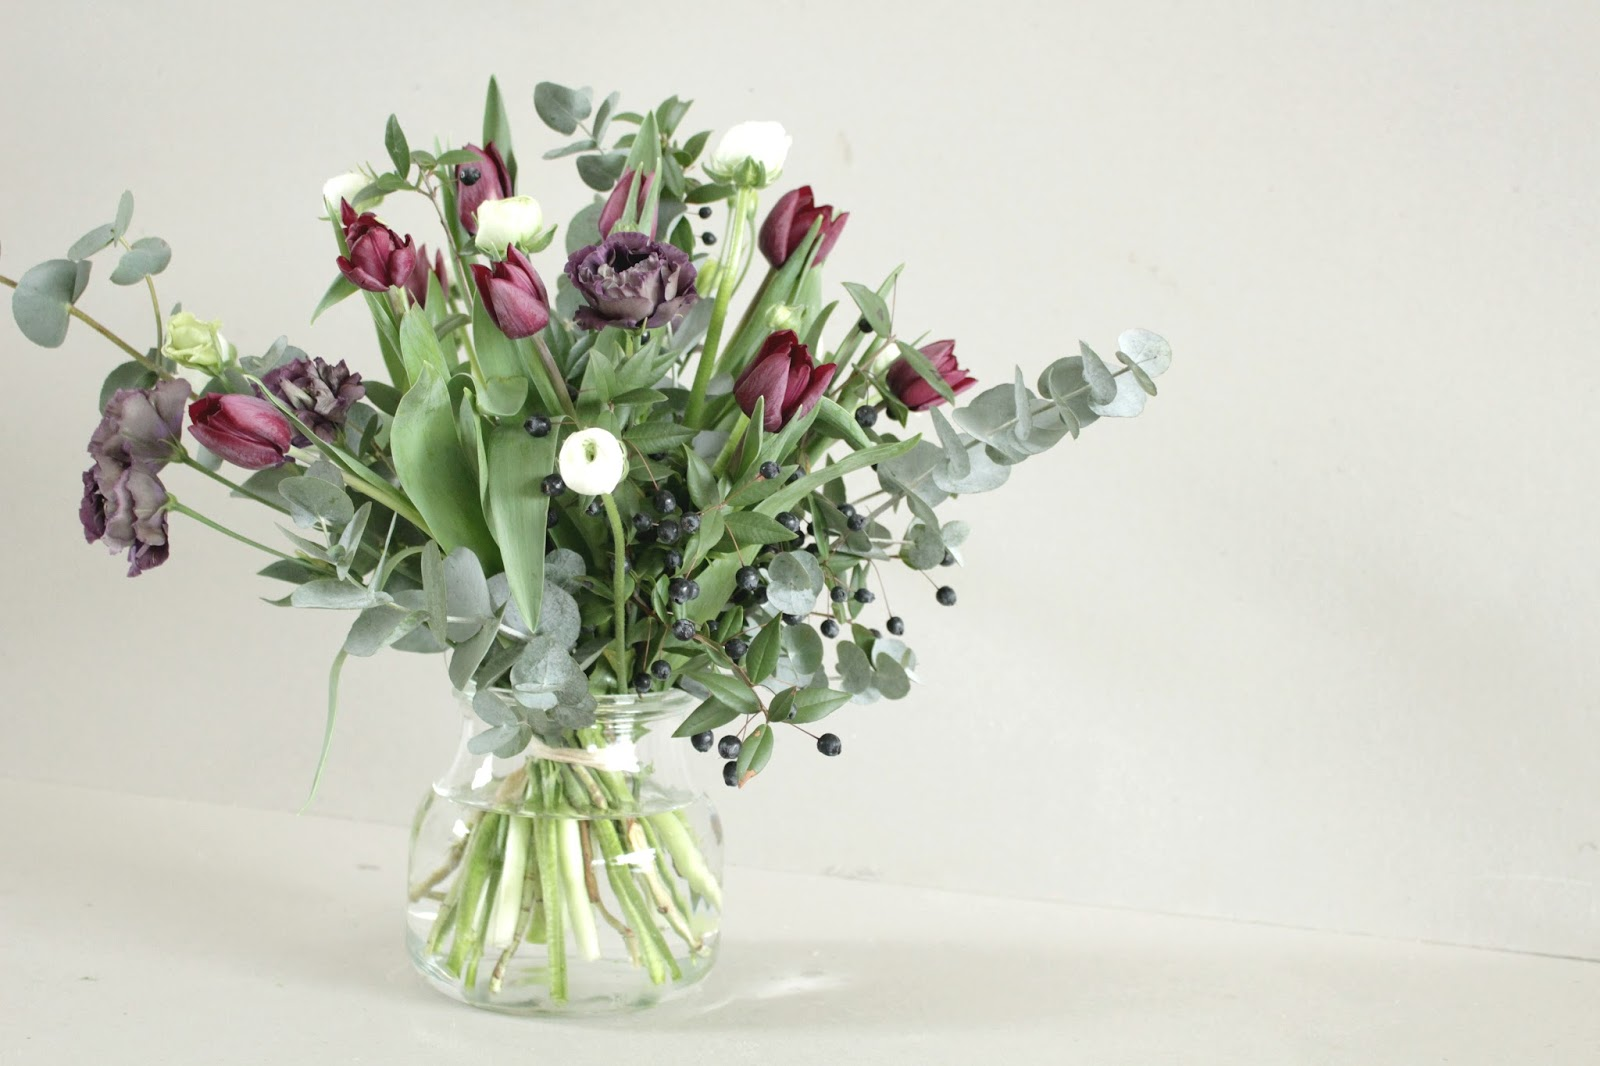 la petite boutique de fleurs bouquet de la semaine. Black Bedroom Furniture Sets. Home Design Ideas